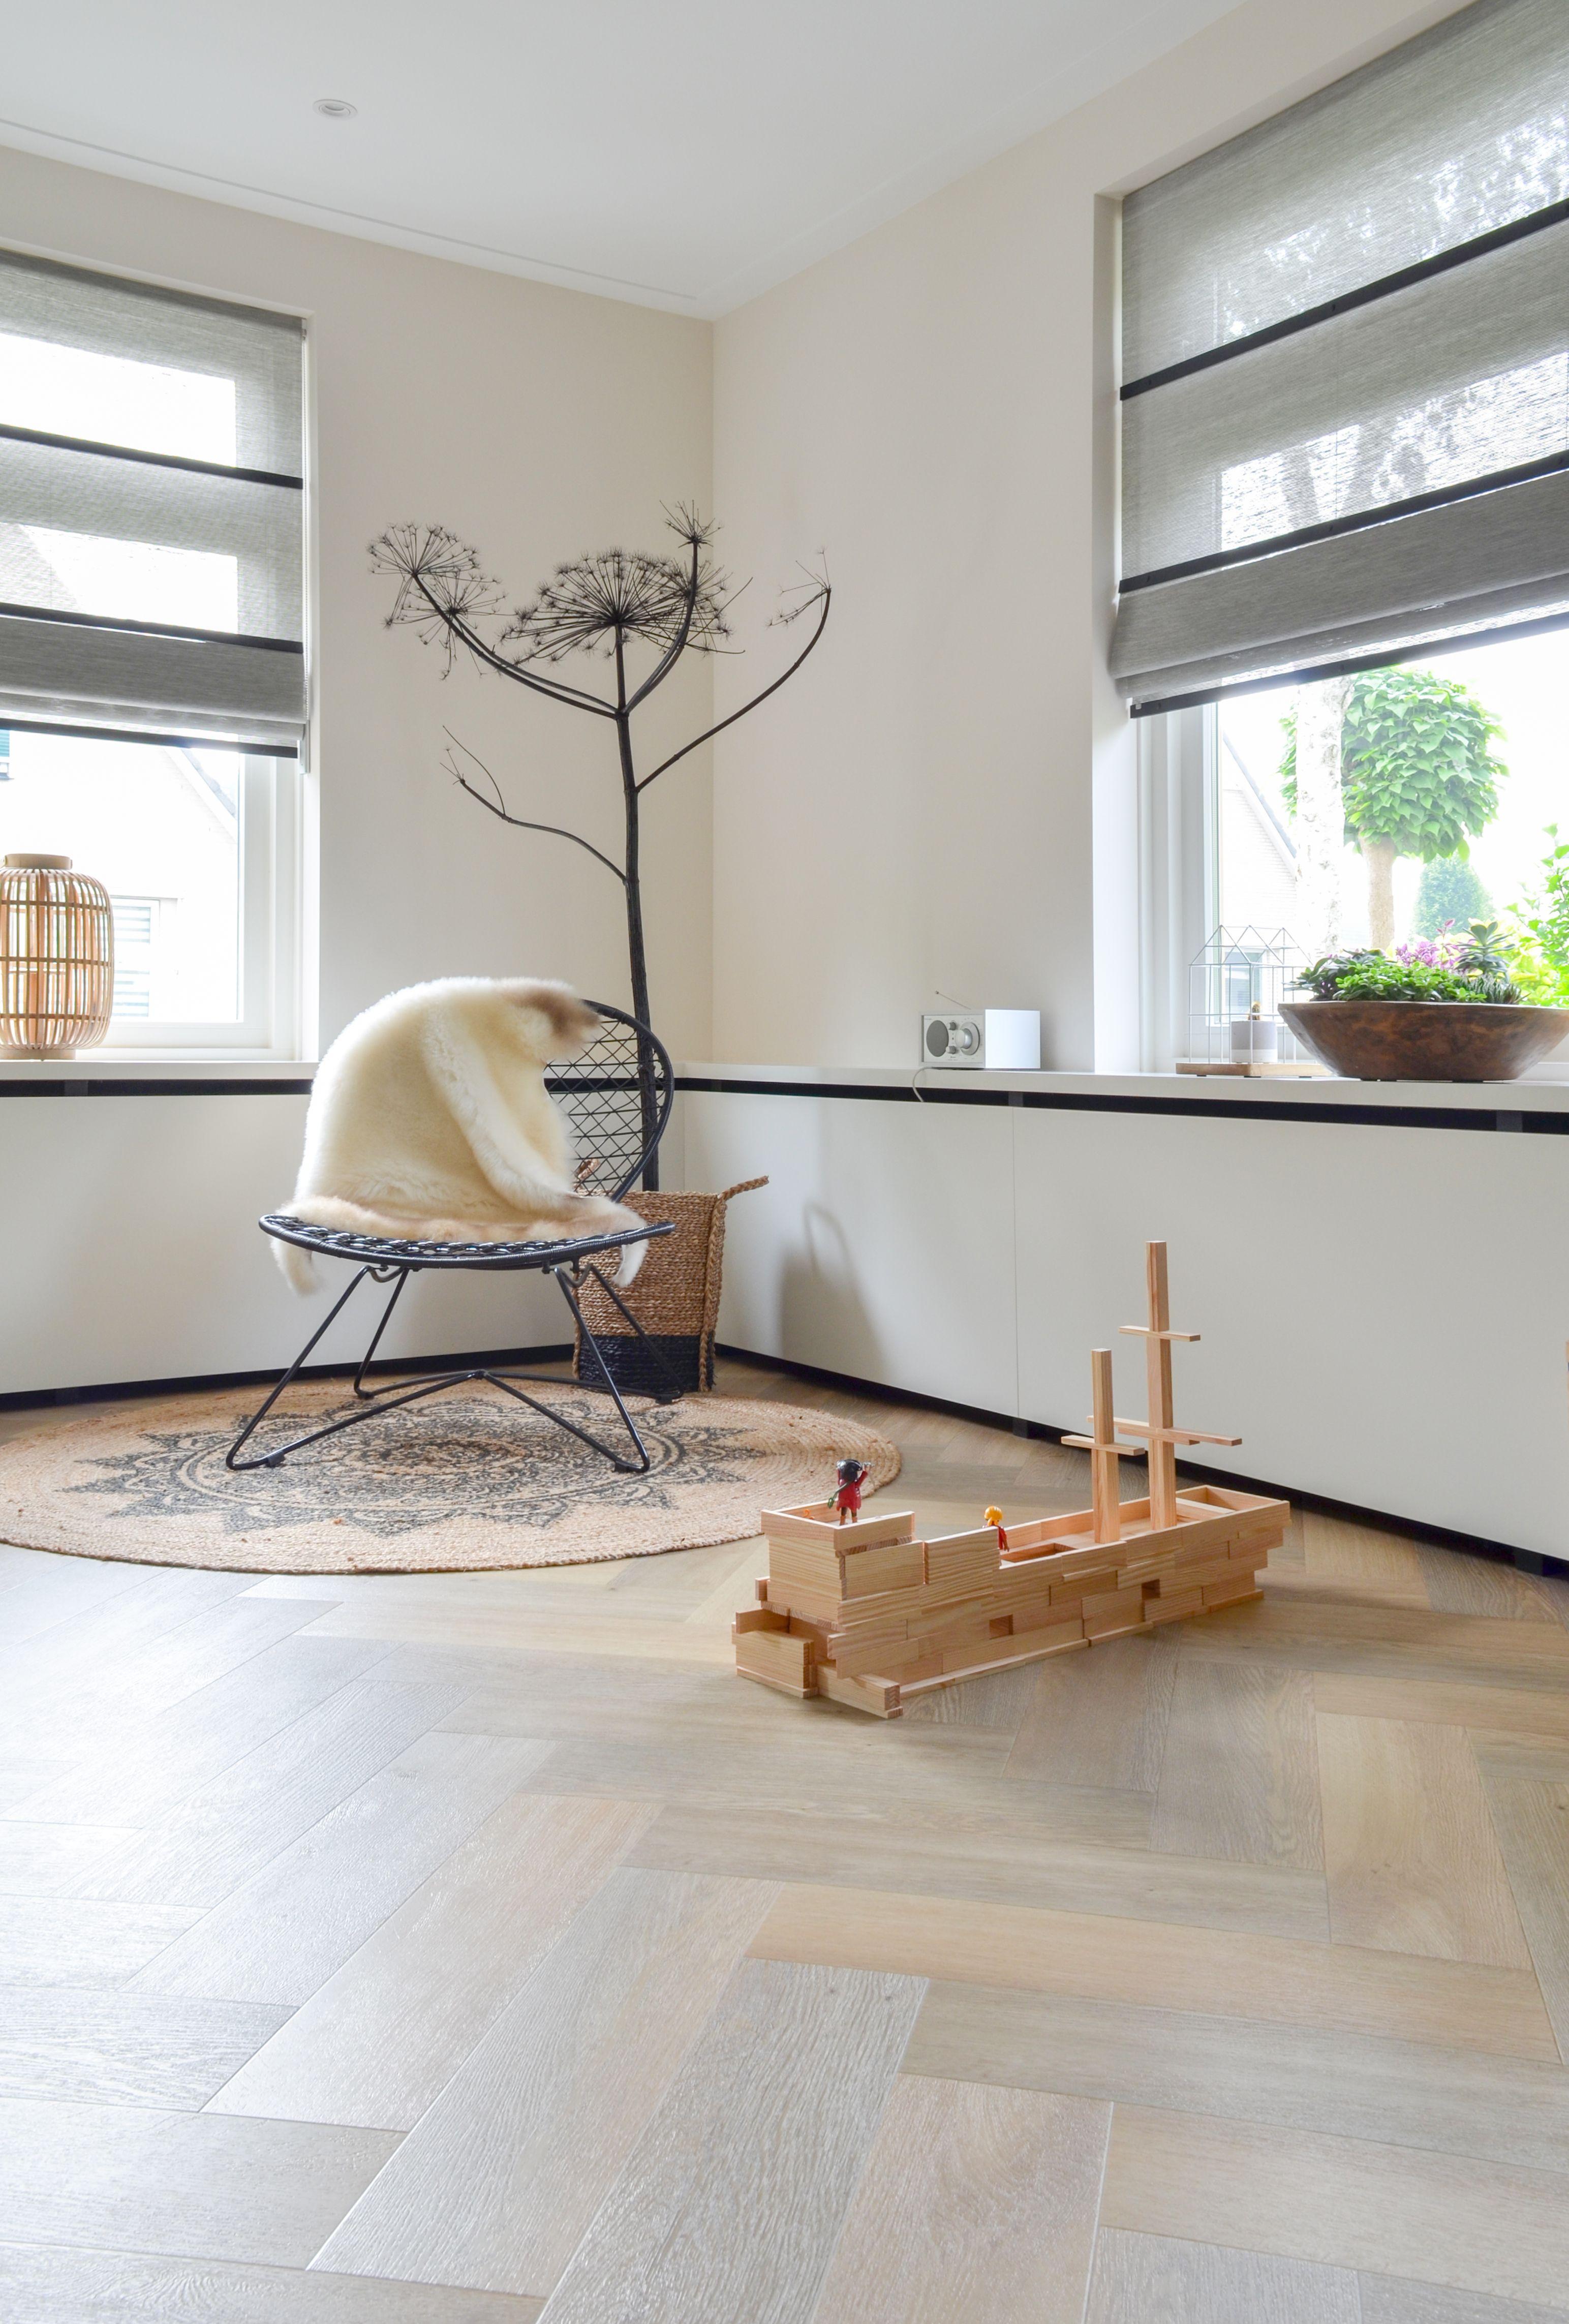 woonkamer #binnenkijker #interieur #kids #toys #inspiratie #visgraat ...